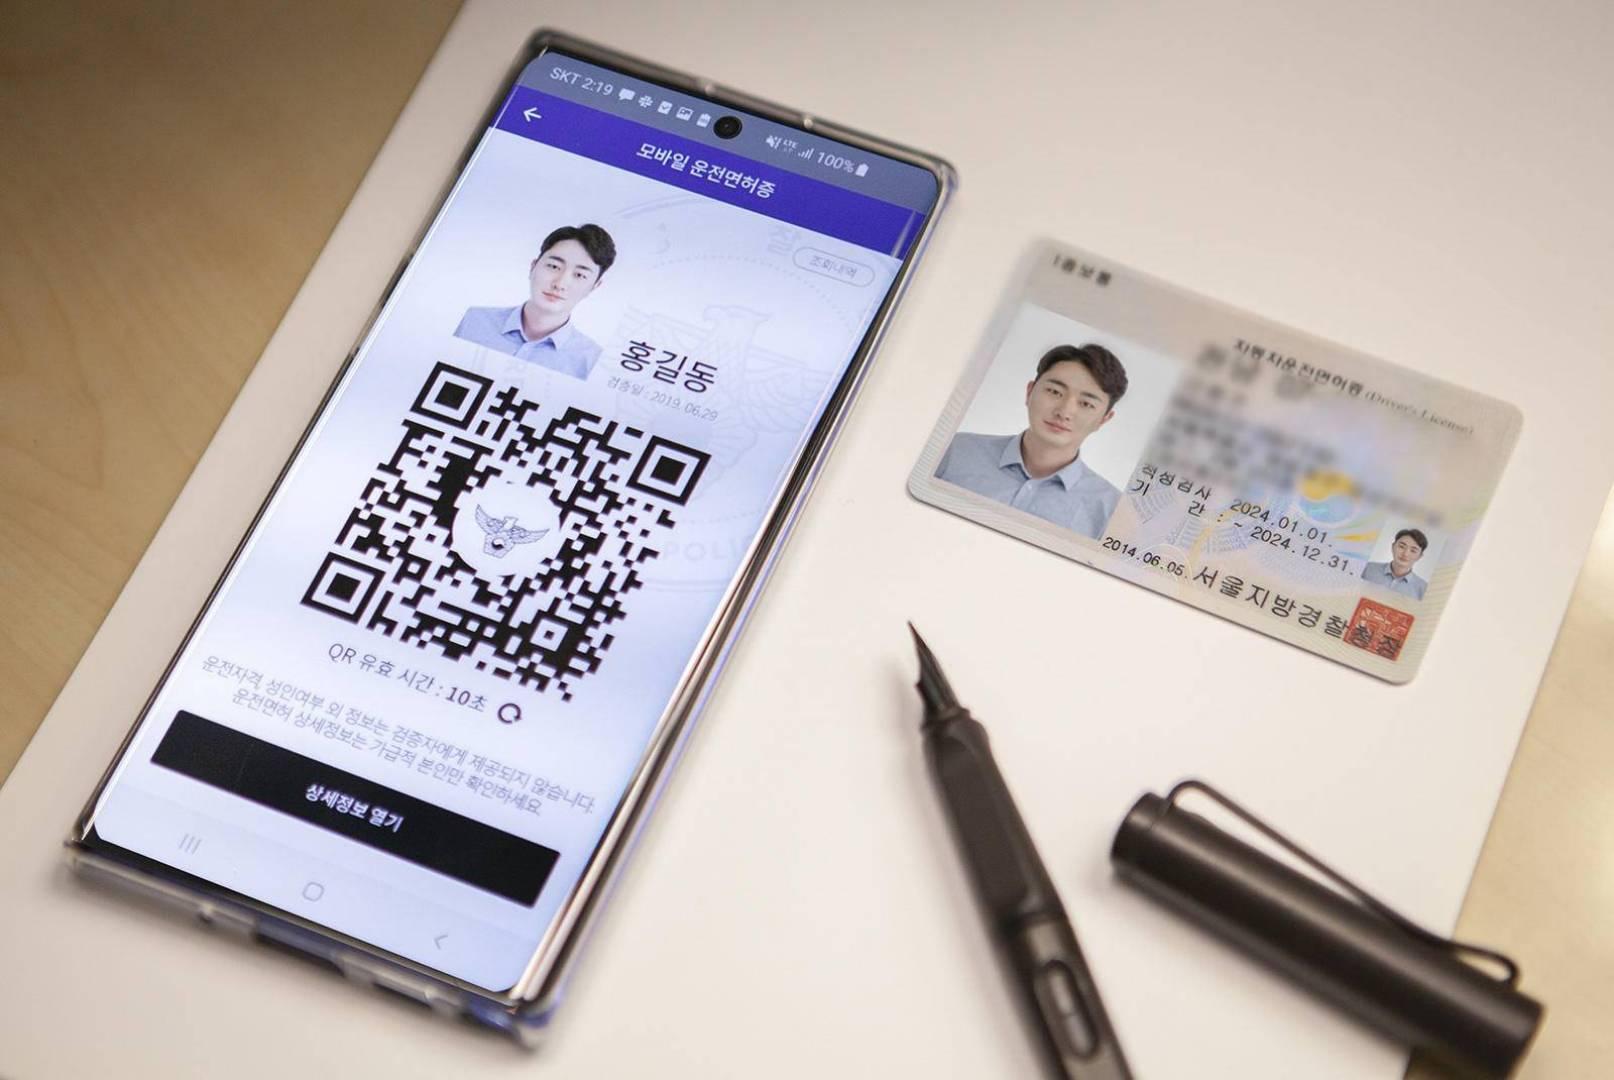 رخصة قيادة ذكية في كوريا الجنوبية.. بداية 2020